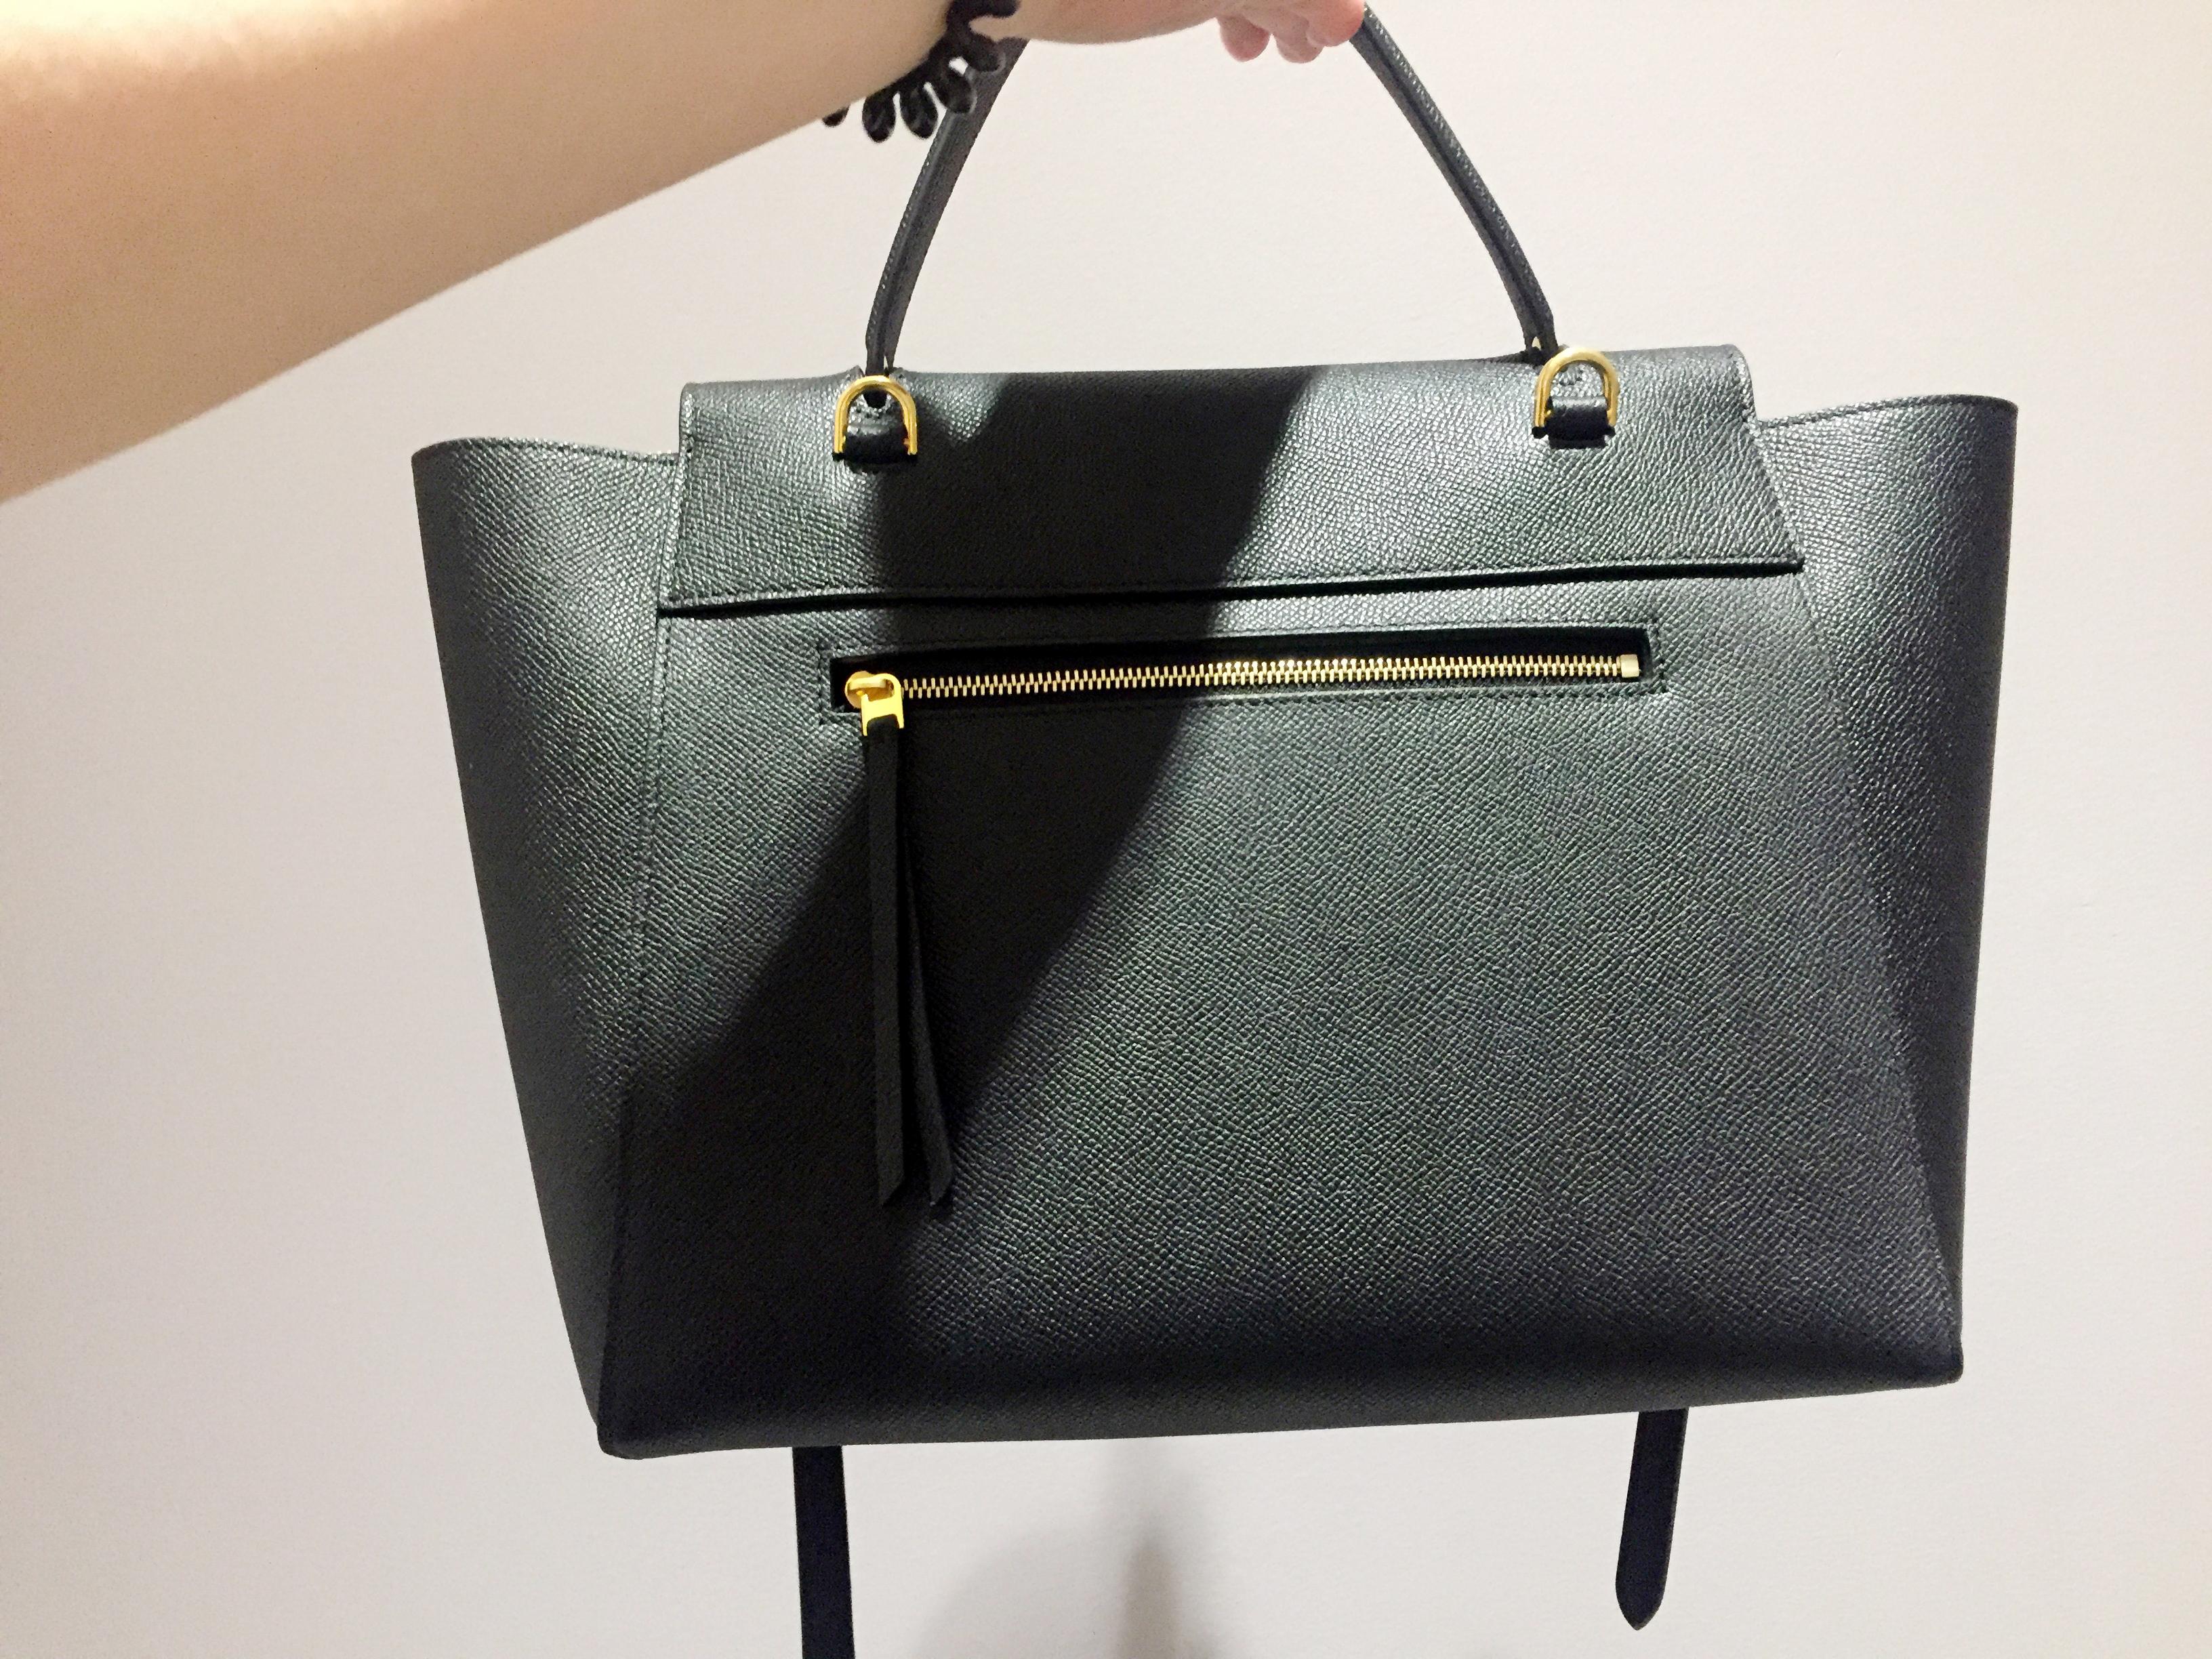 Celine Belt Bag Honest Review I Make Leather Handbags